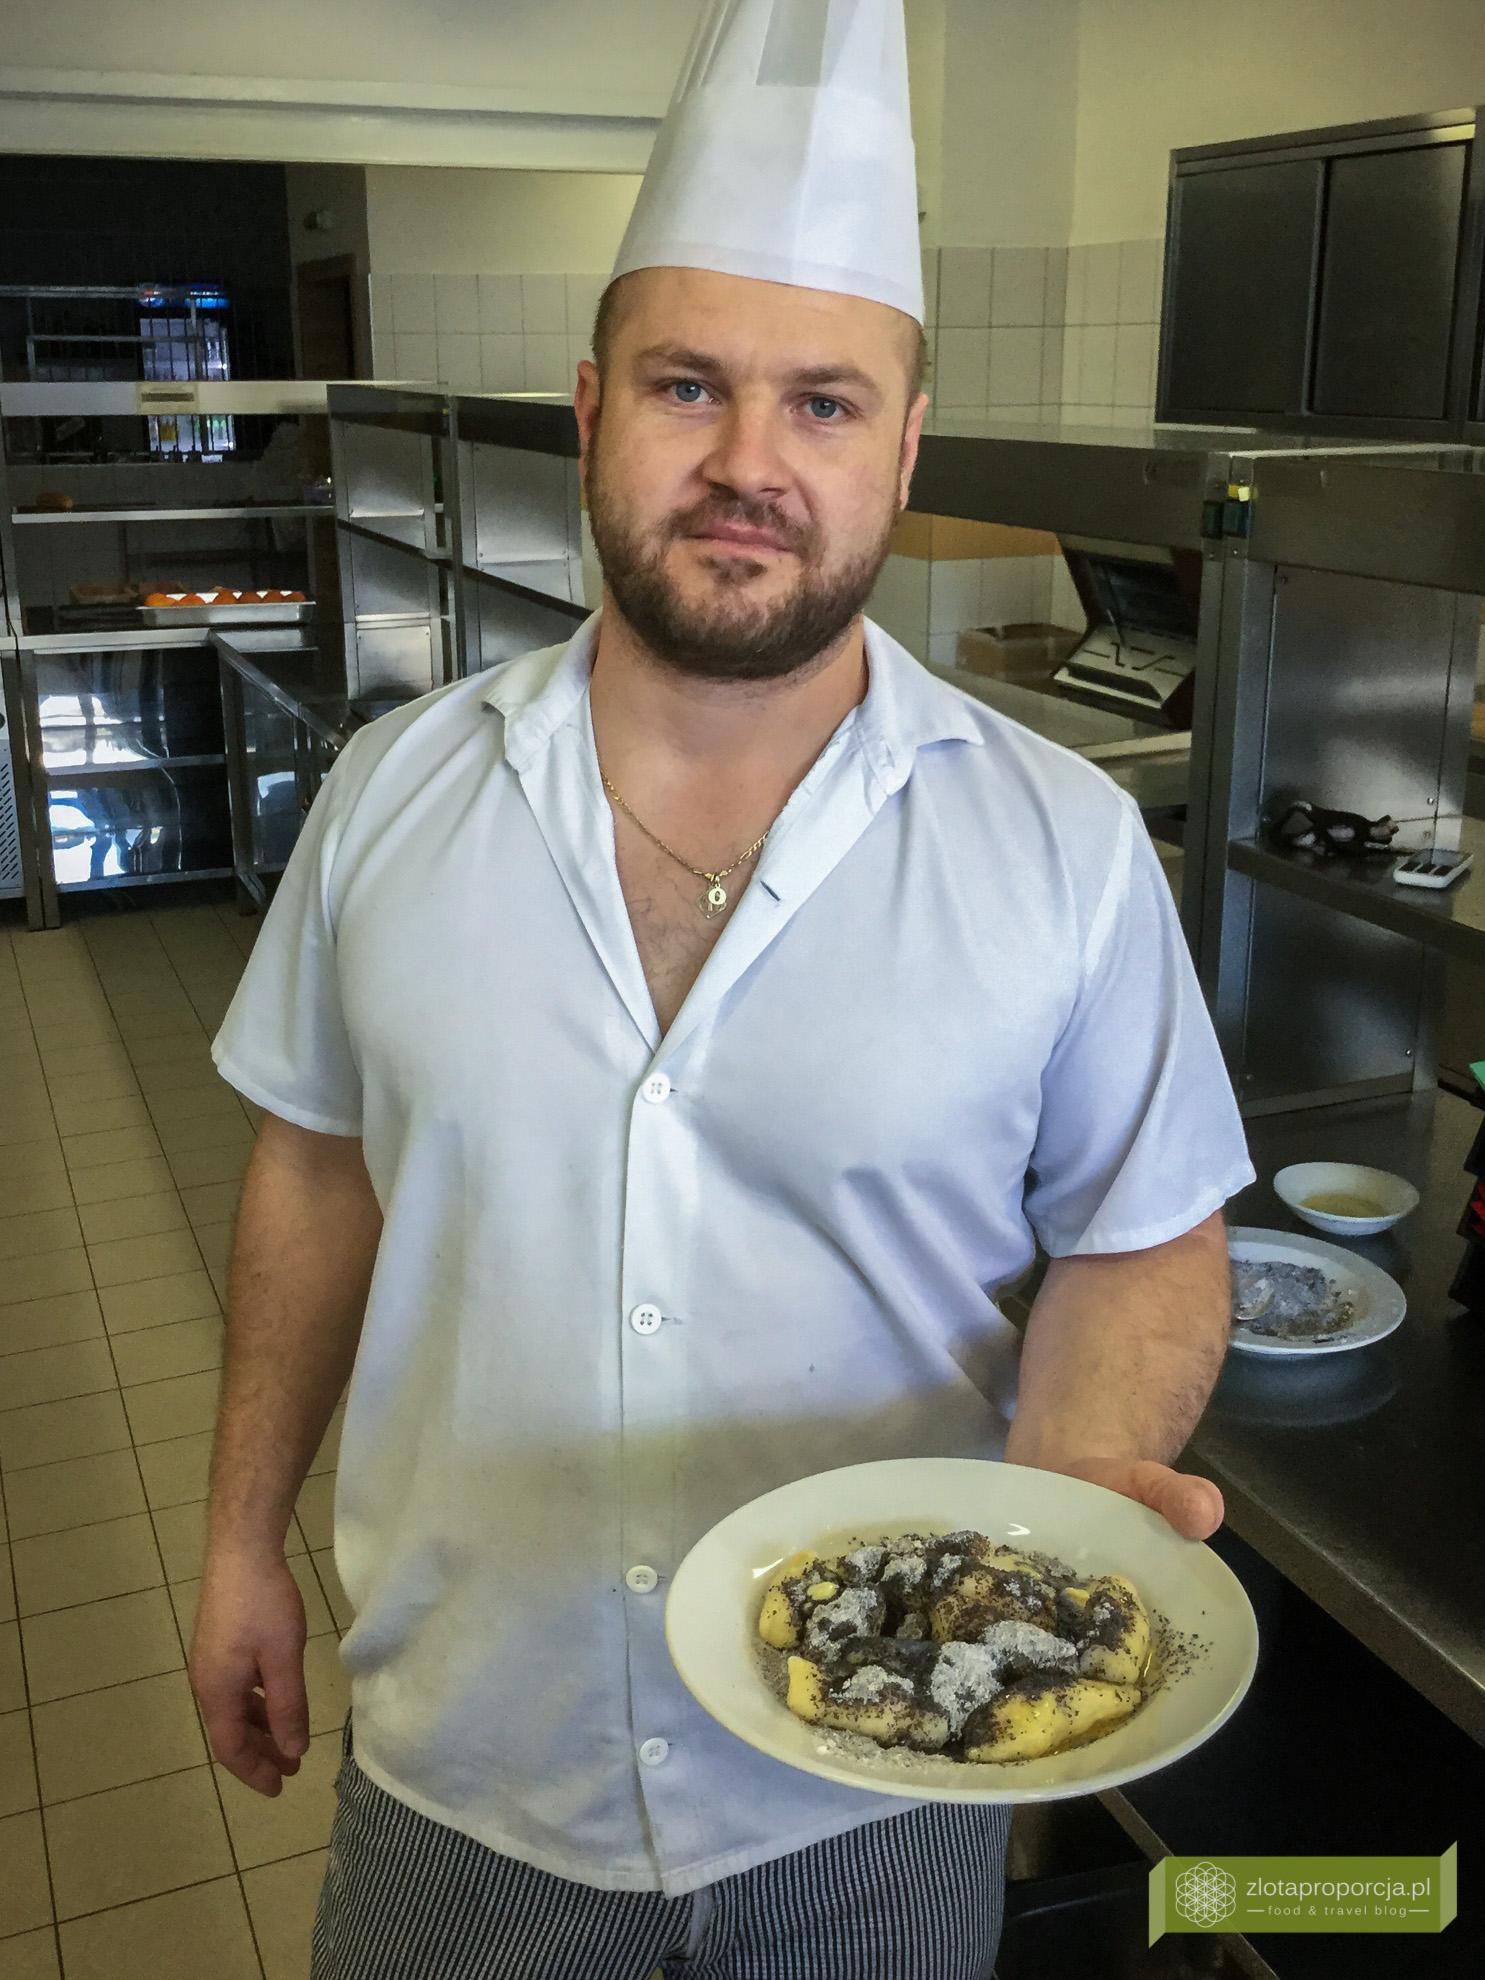 Šúľance z makiem, słowackie kluski ziemniaczane z makiem